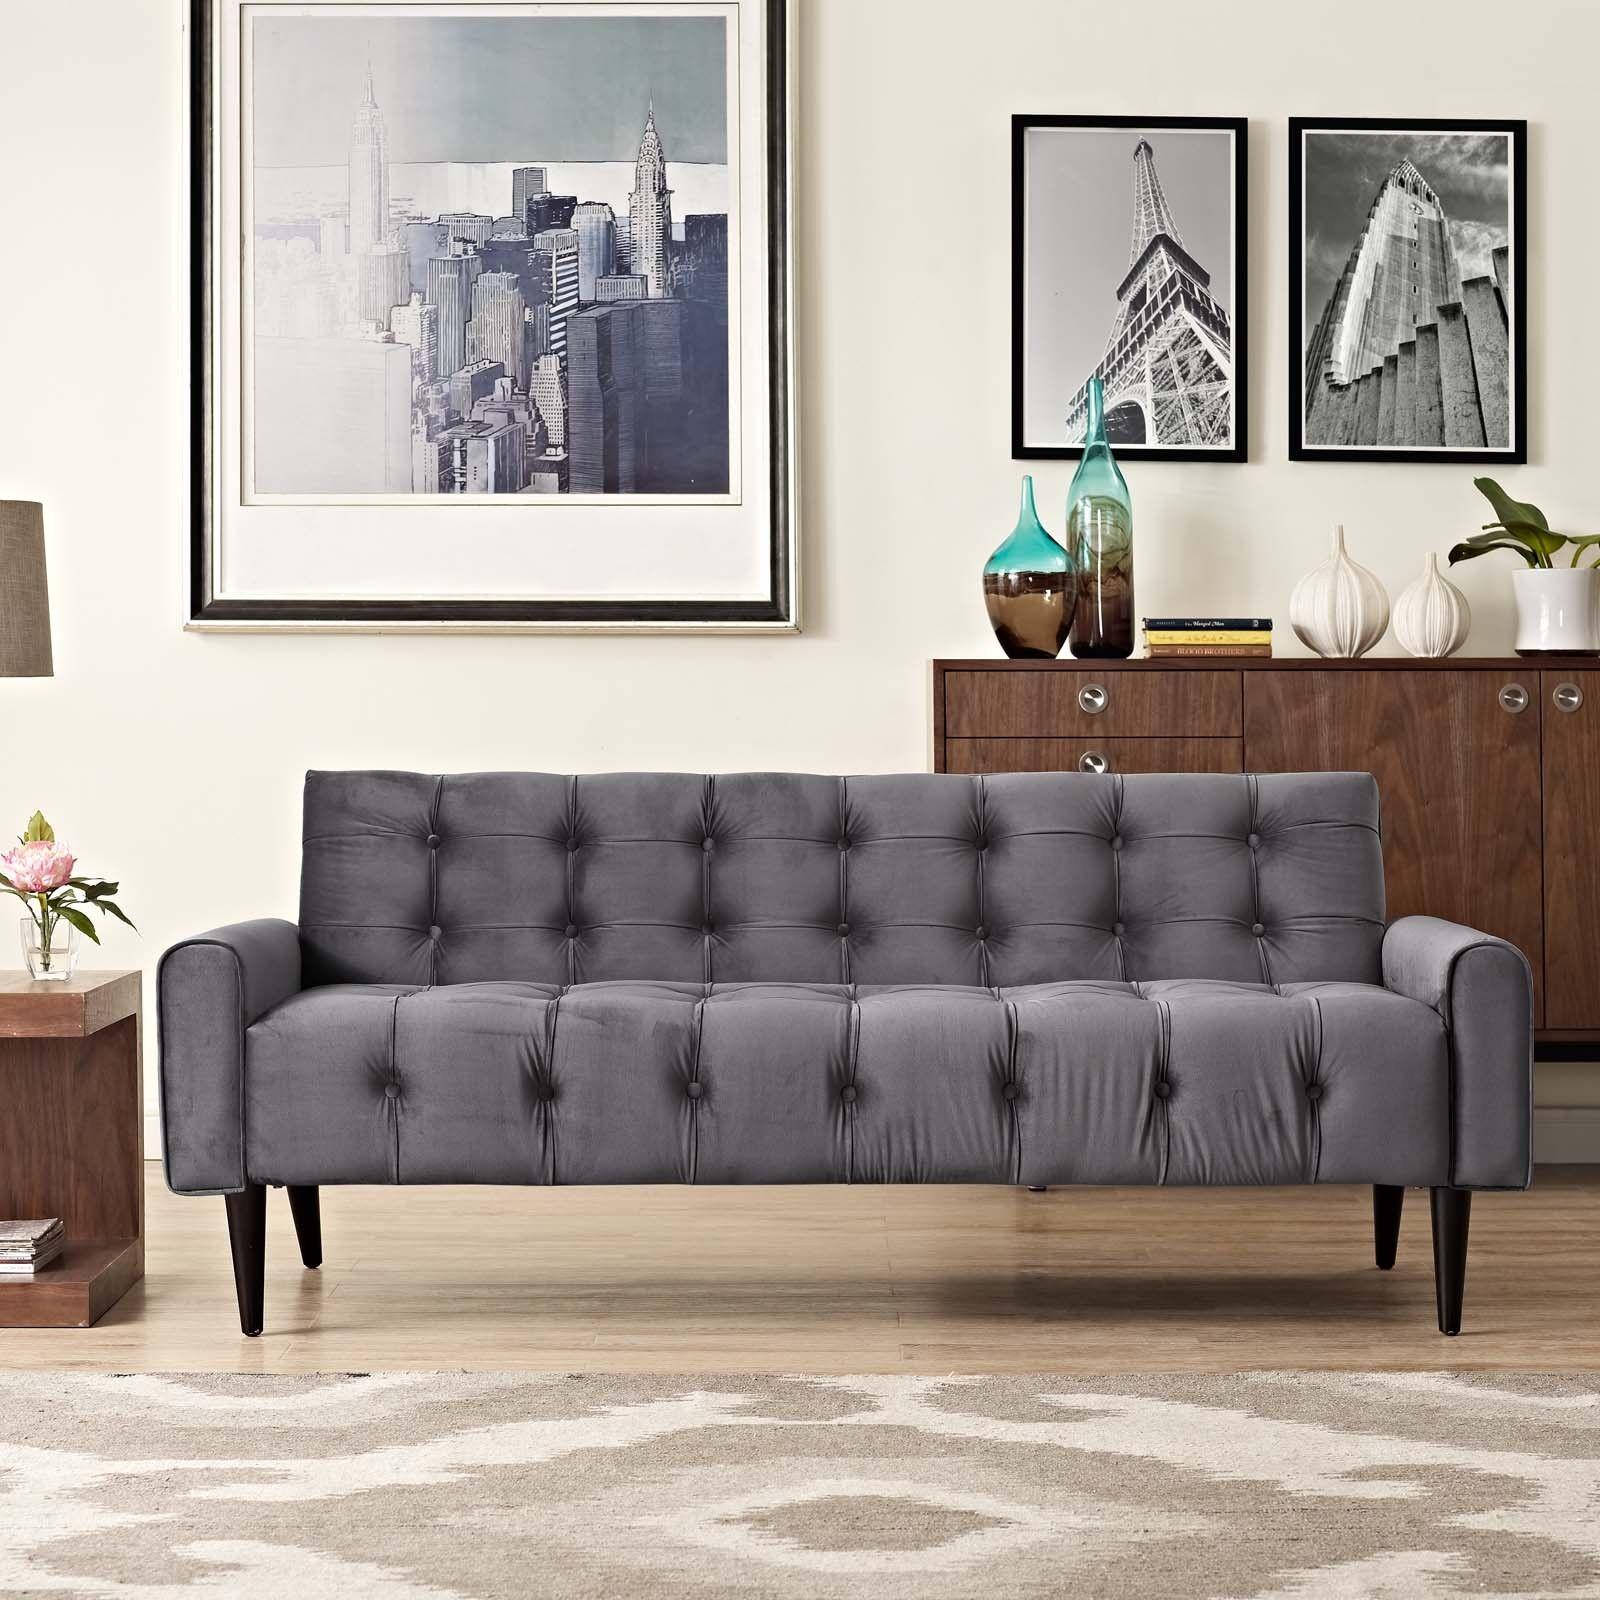 Modern button tufted upholstered velvet living room sofa couch in gray